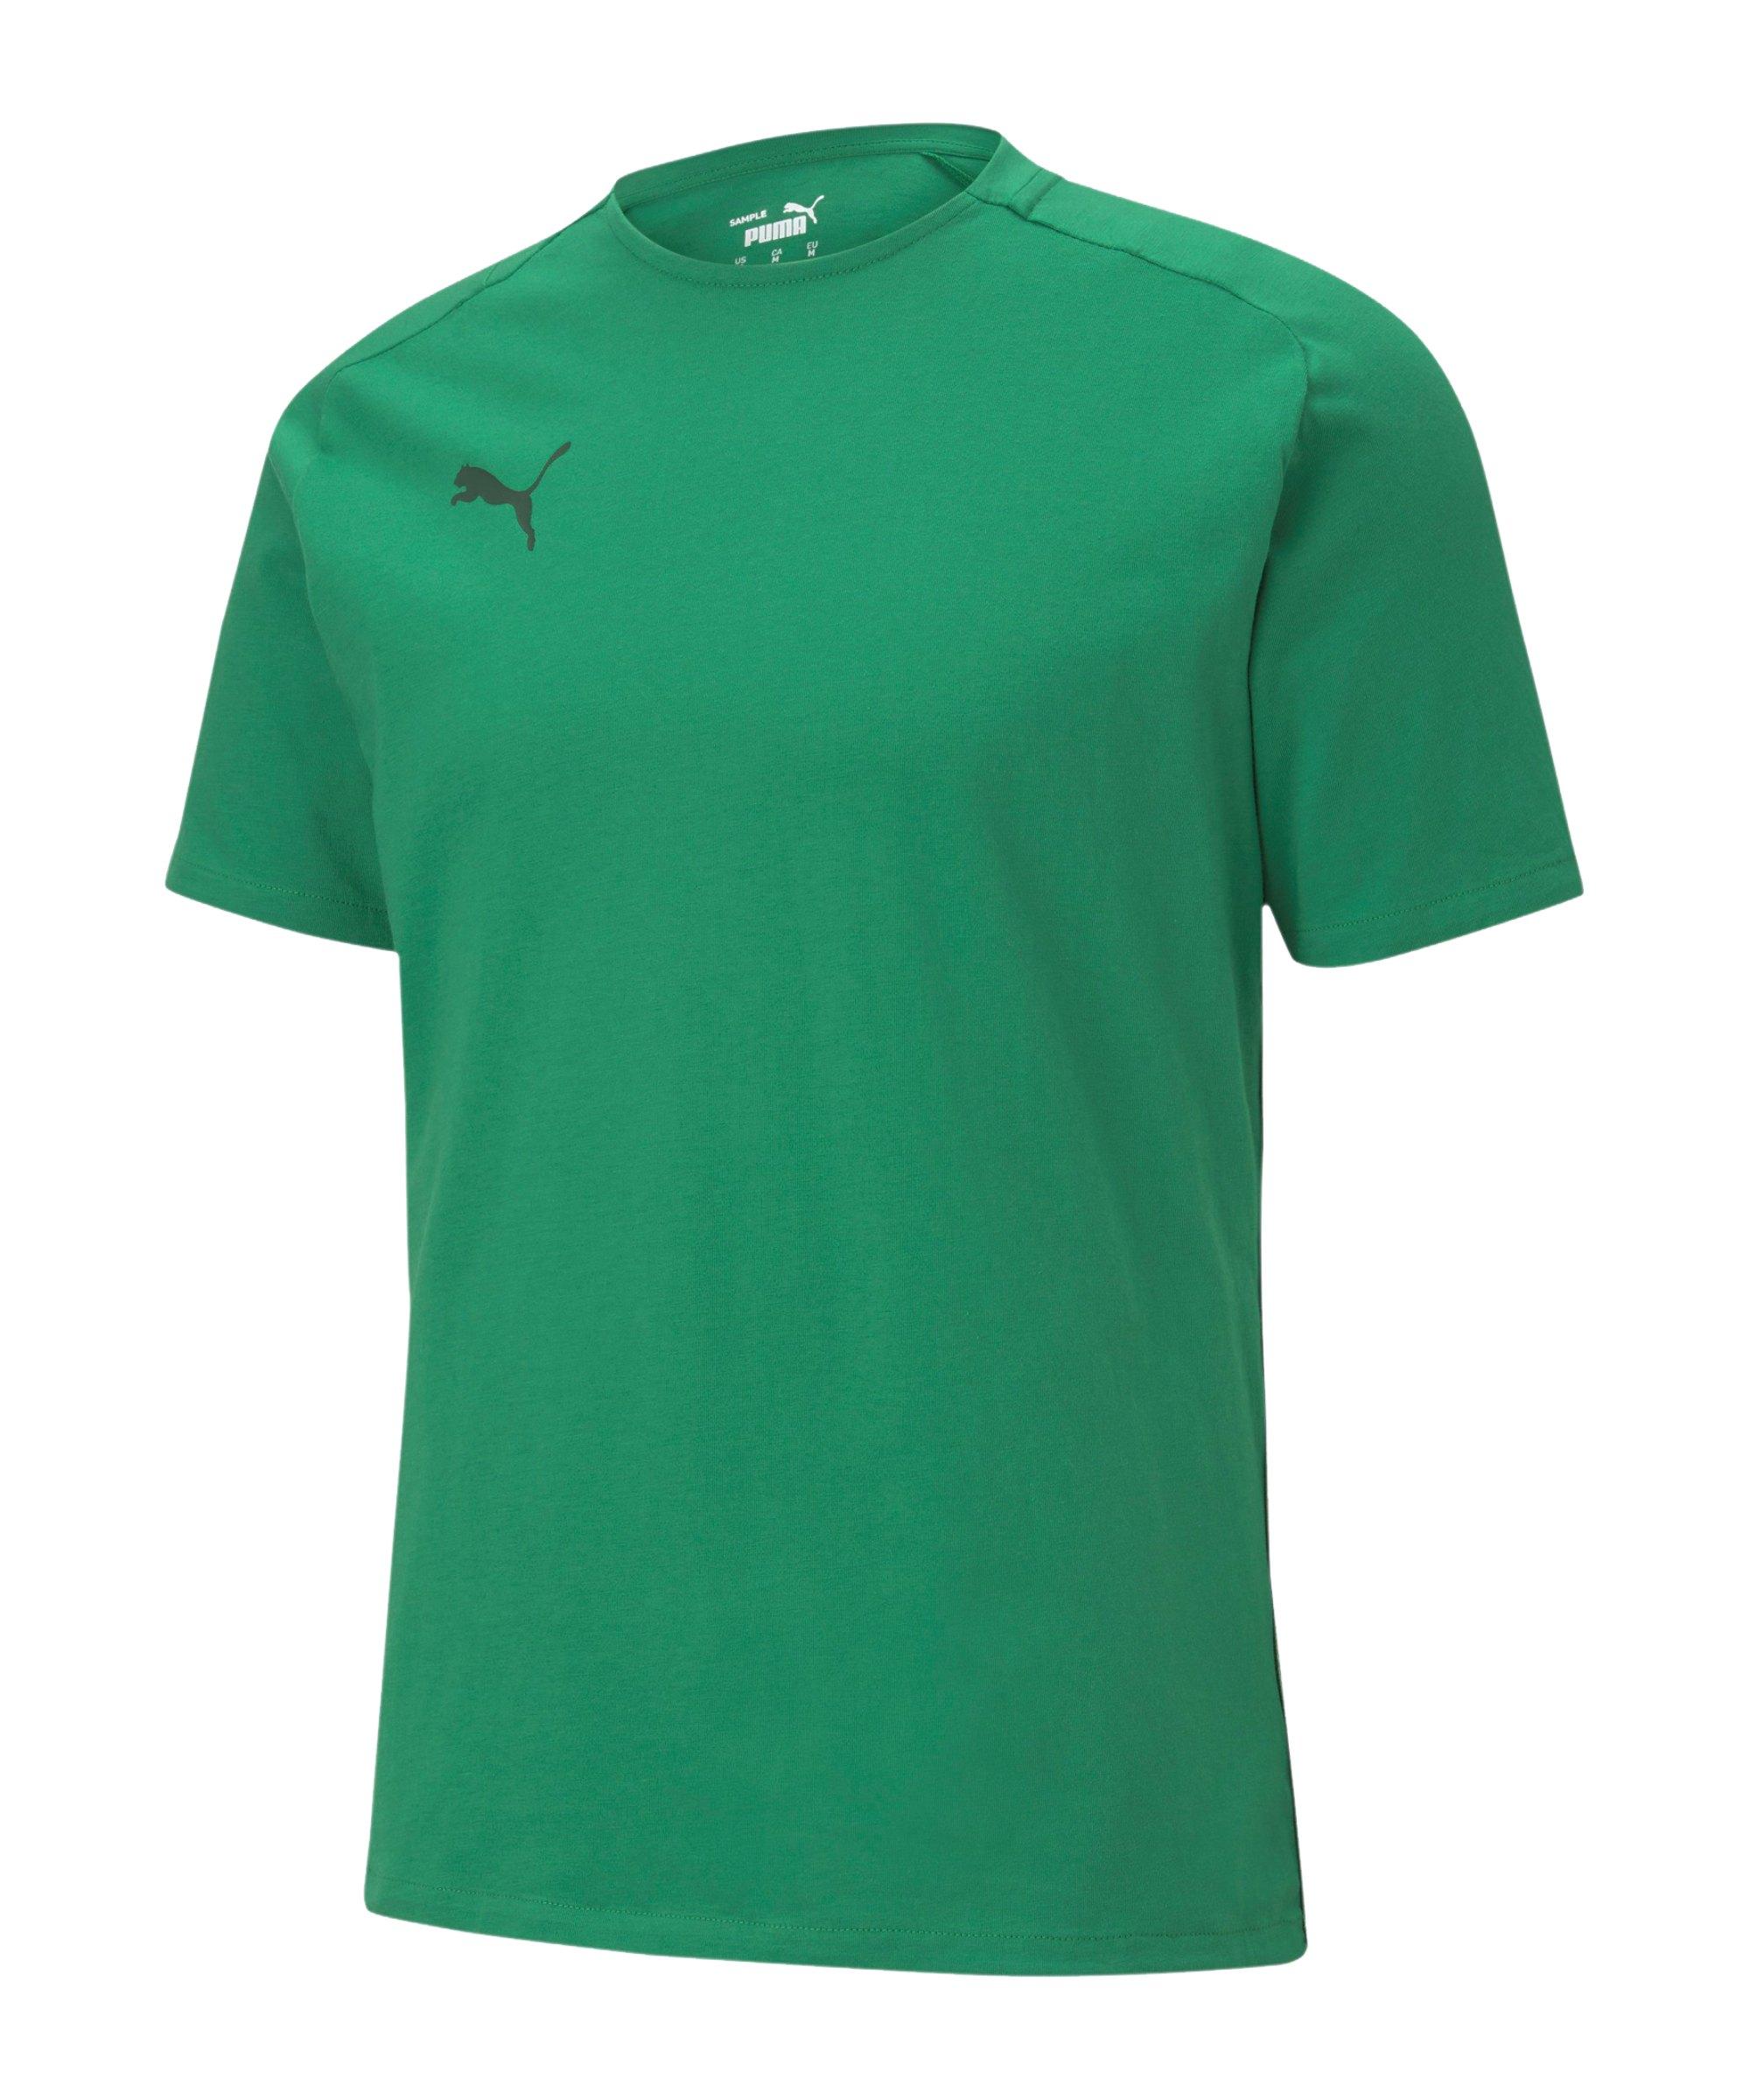 PUMA teamCUP Casuals T-Shirt Grün F05 - gruen